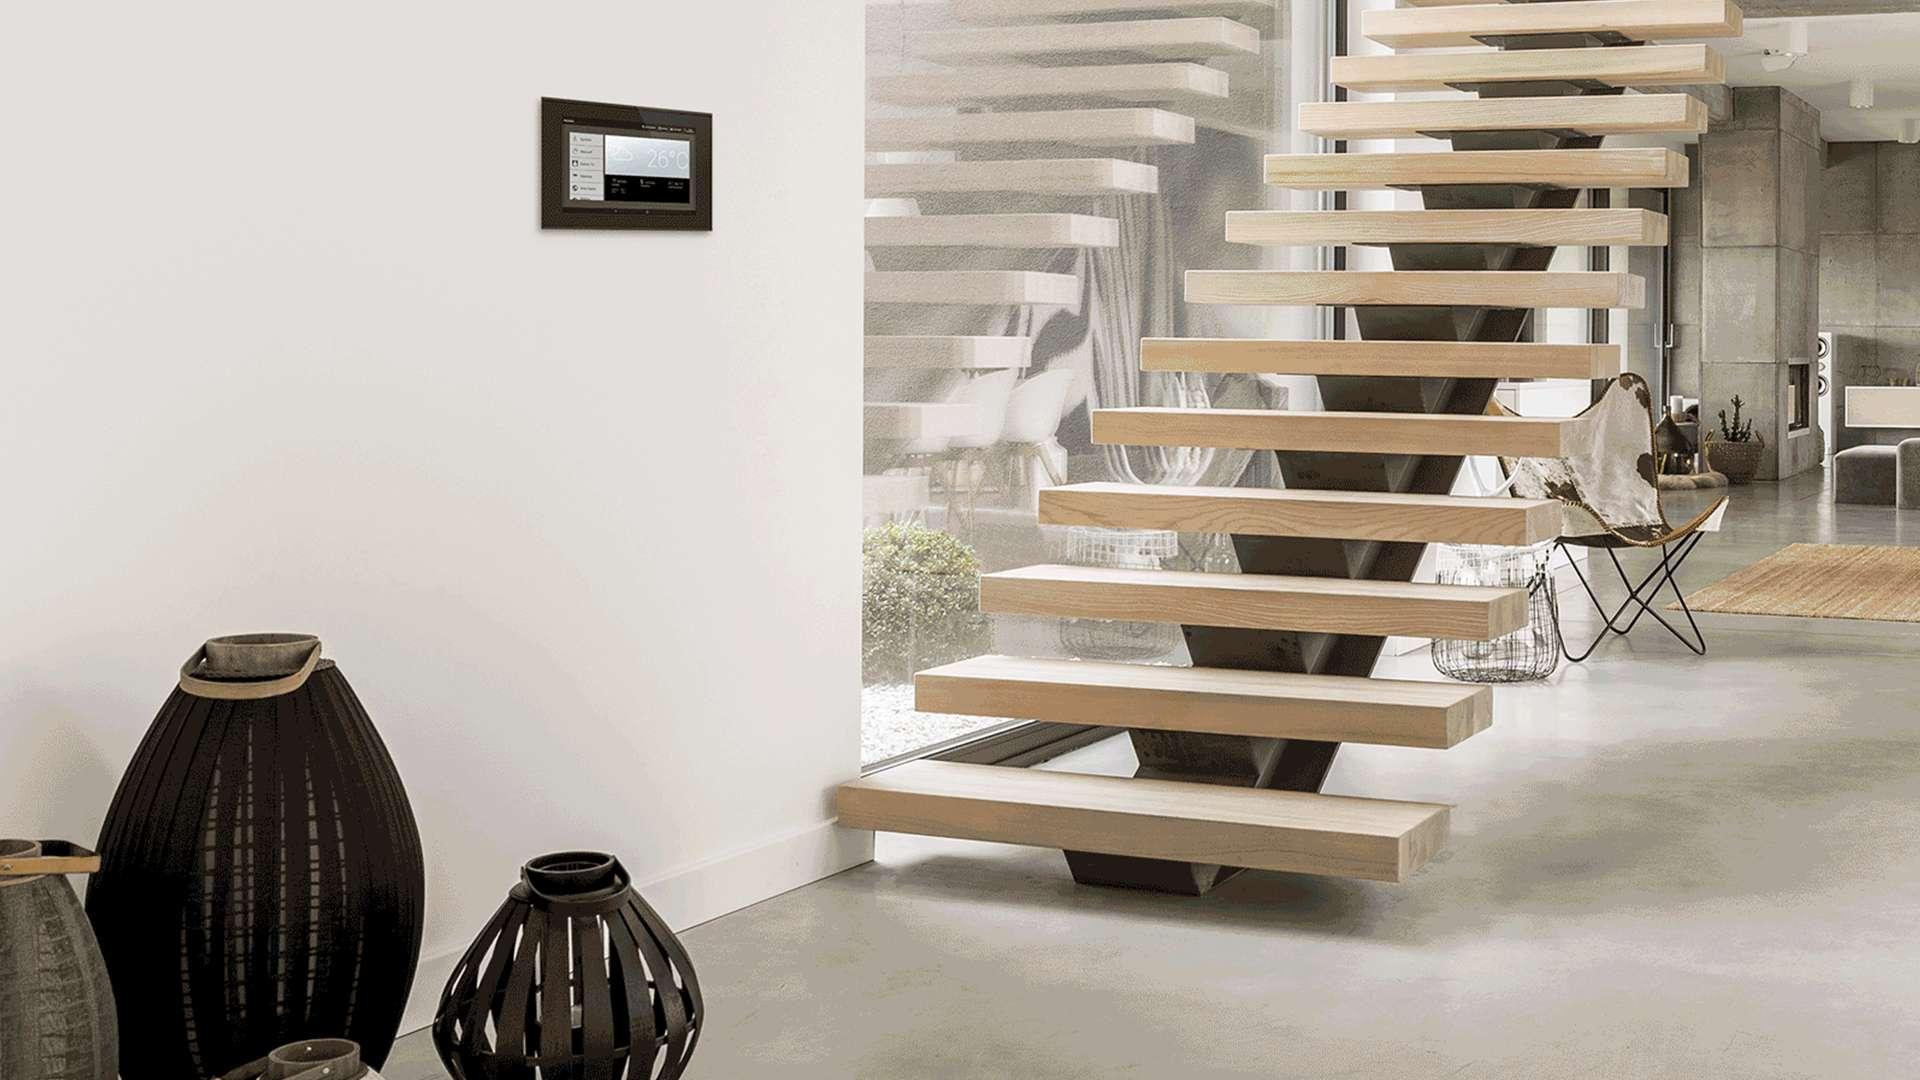 Treppenhaus mit WS1000 Connect Steuereinheit